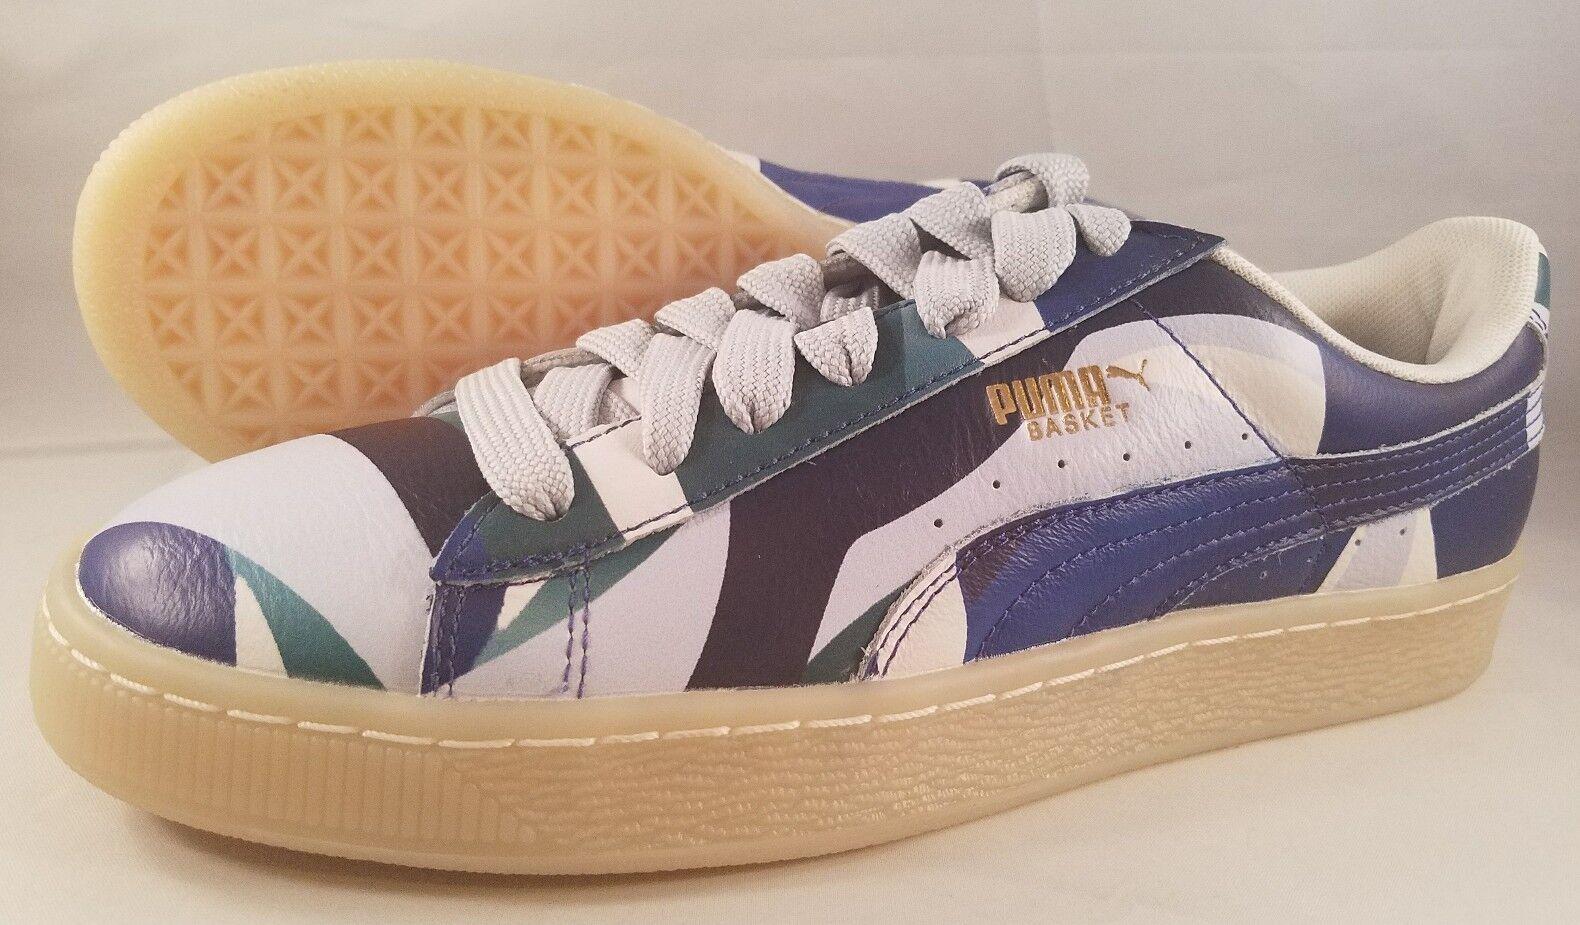 Puma x Careaux Basket Chaussures Homme